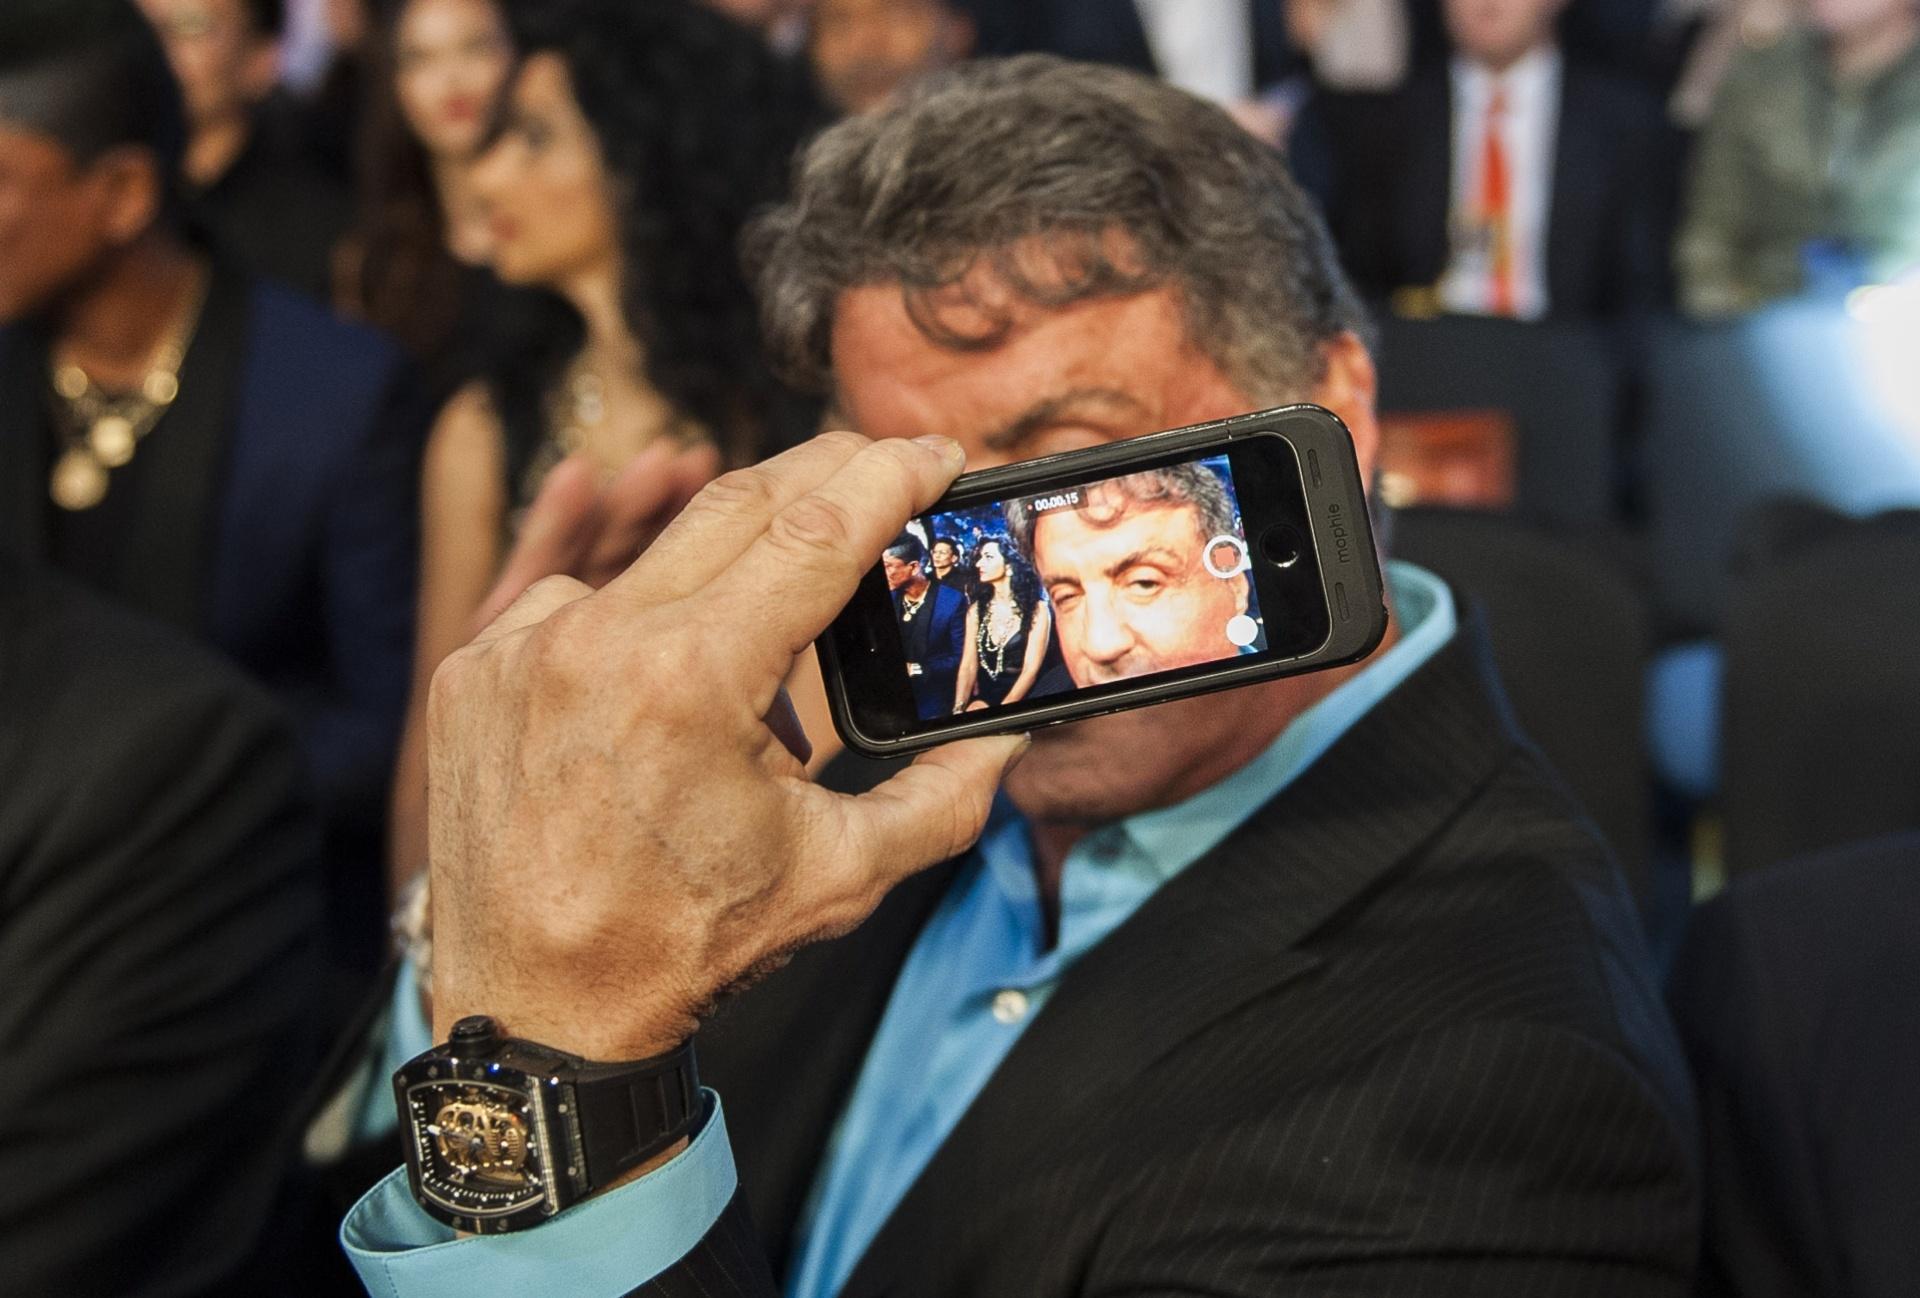 Sylvester Stallone aproveita o intervalo das lutas para tirar fotos, antes de Pacquiao vencer Algieri em Macau